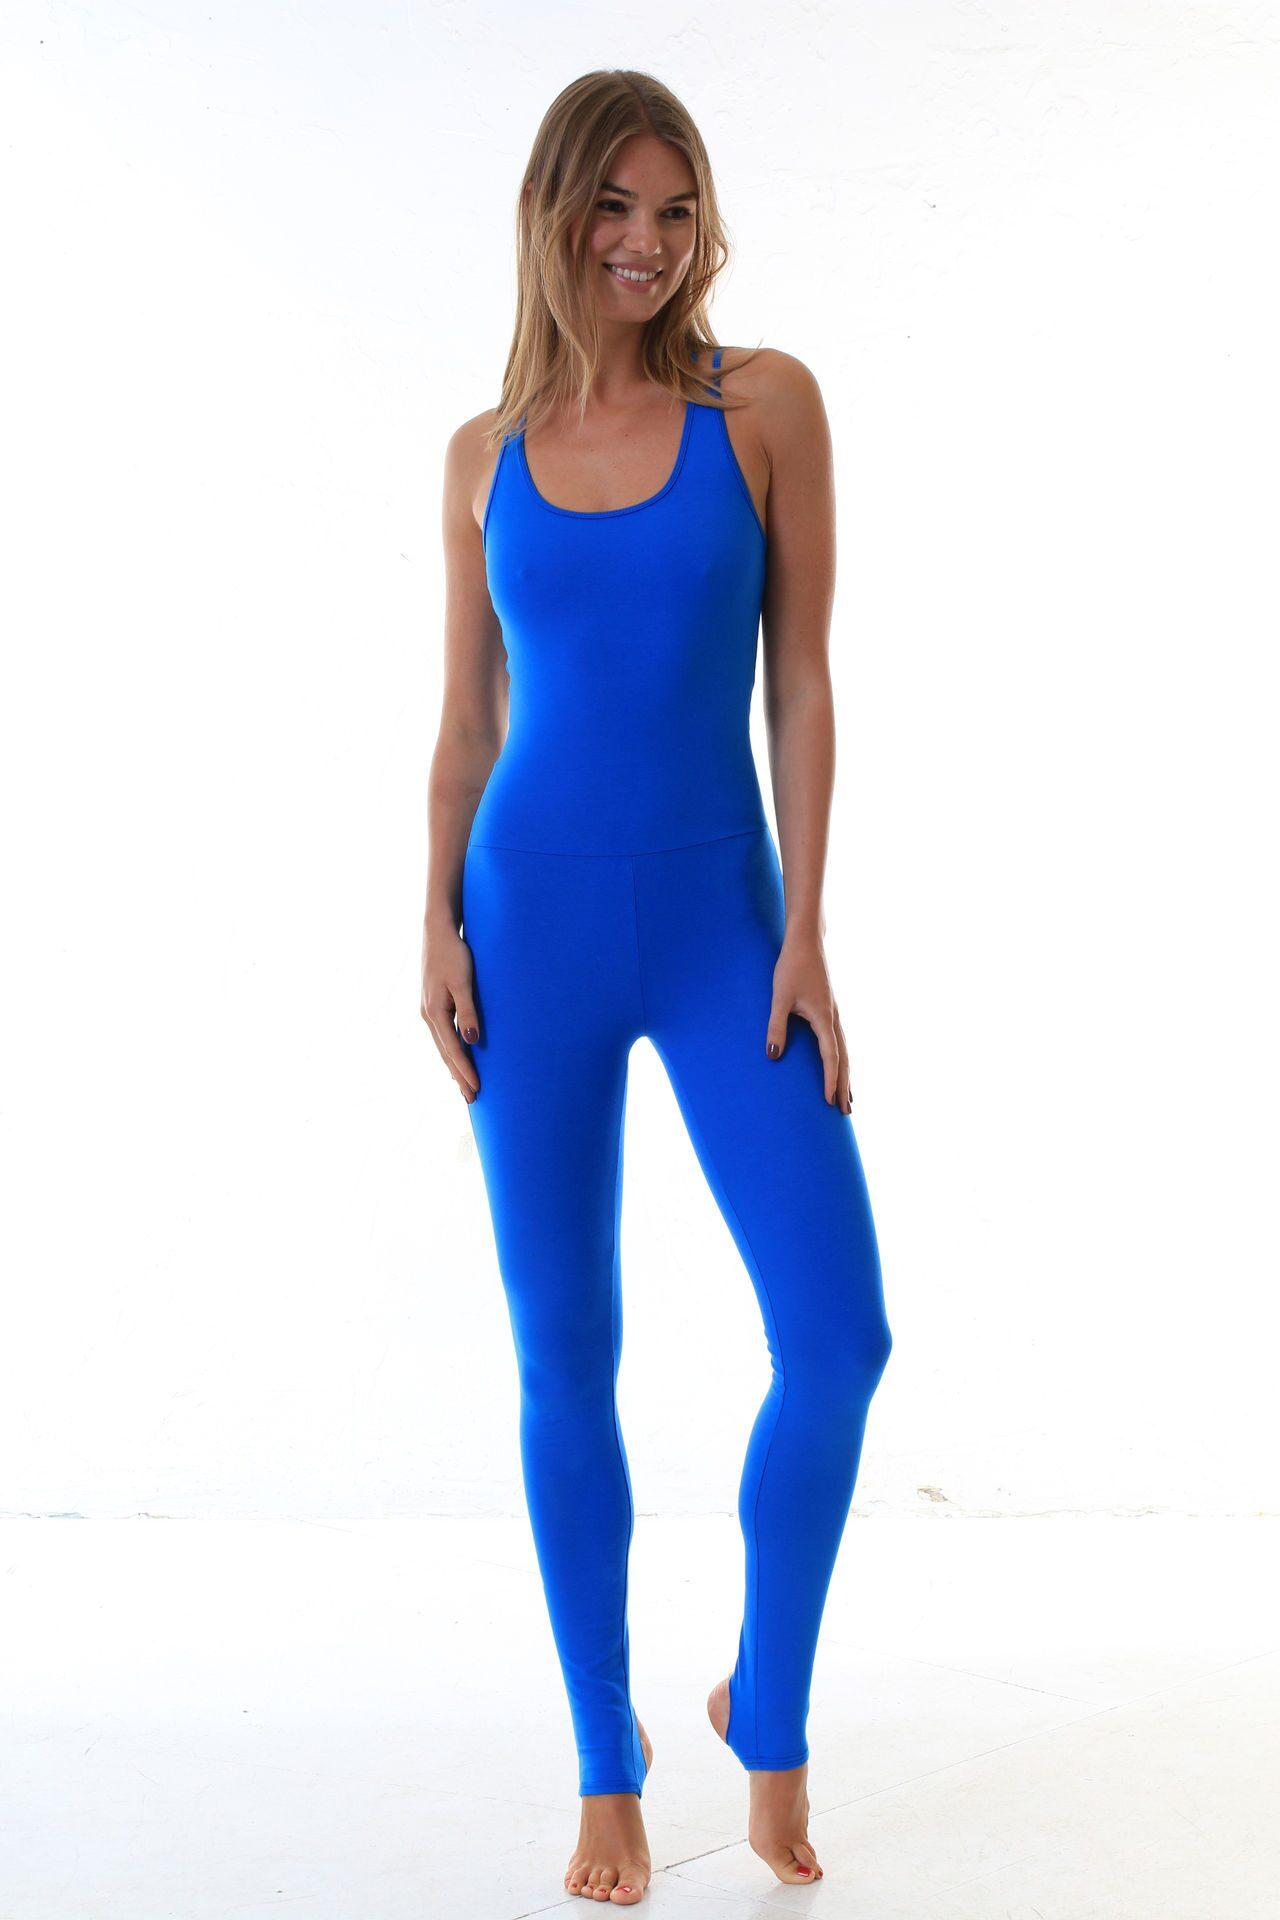 Купить комбинезон для йоги «Blue». Купить одежду для фитнеса и йоги ... 72920cda882